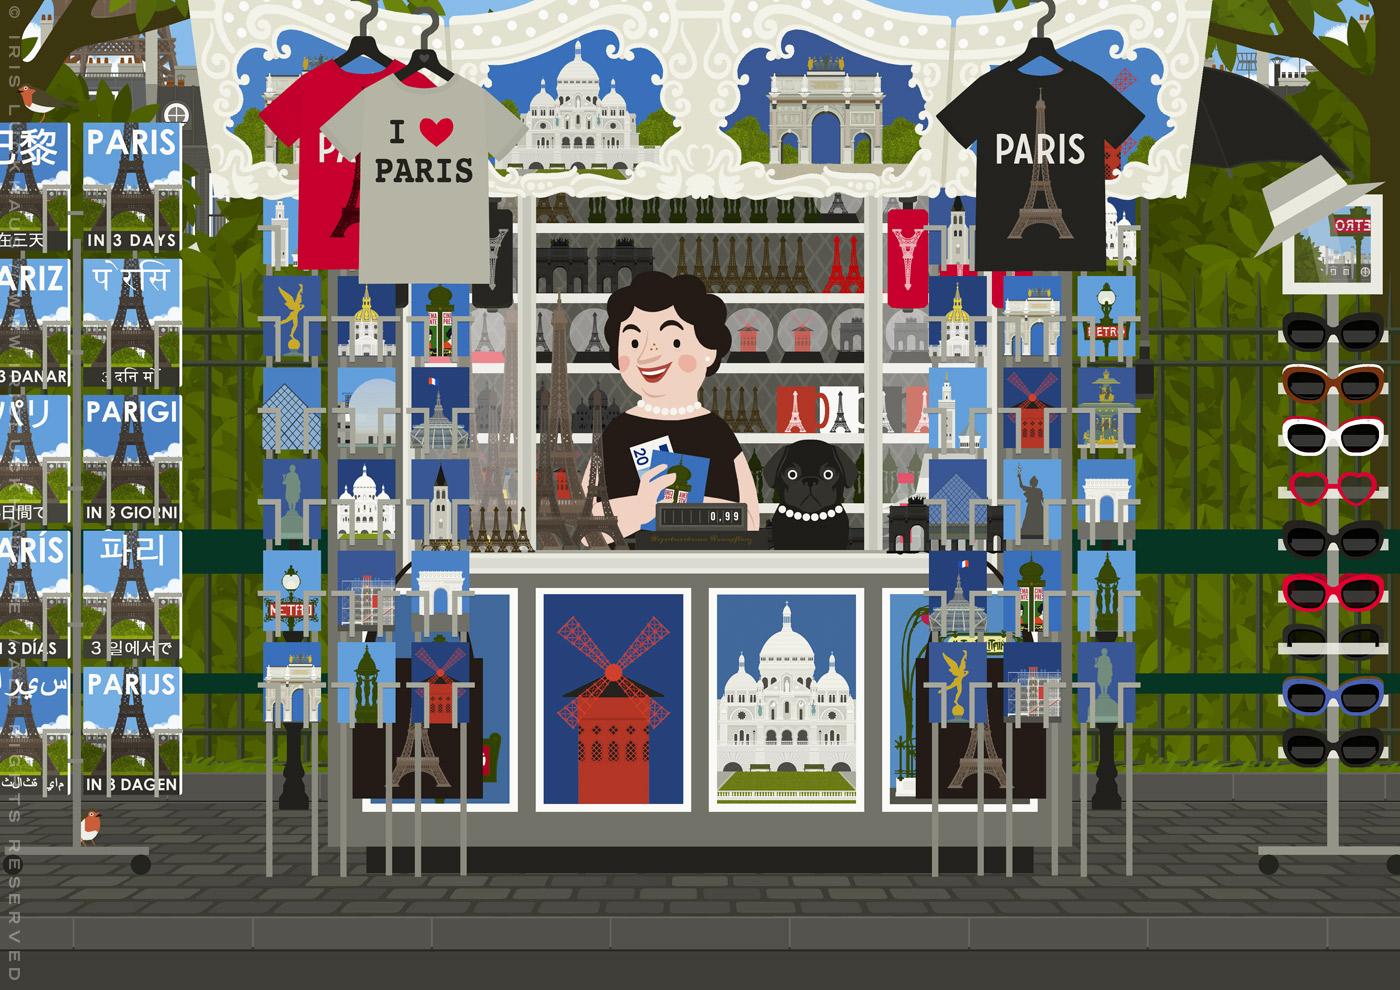 Verkäuferin mit Mops in ihrem Souvenirstand mit Postkarten, Postern, Reiseführern, T-Shirts, Taschen, Hüten und Sonnenbrillen von Paris